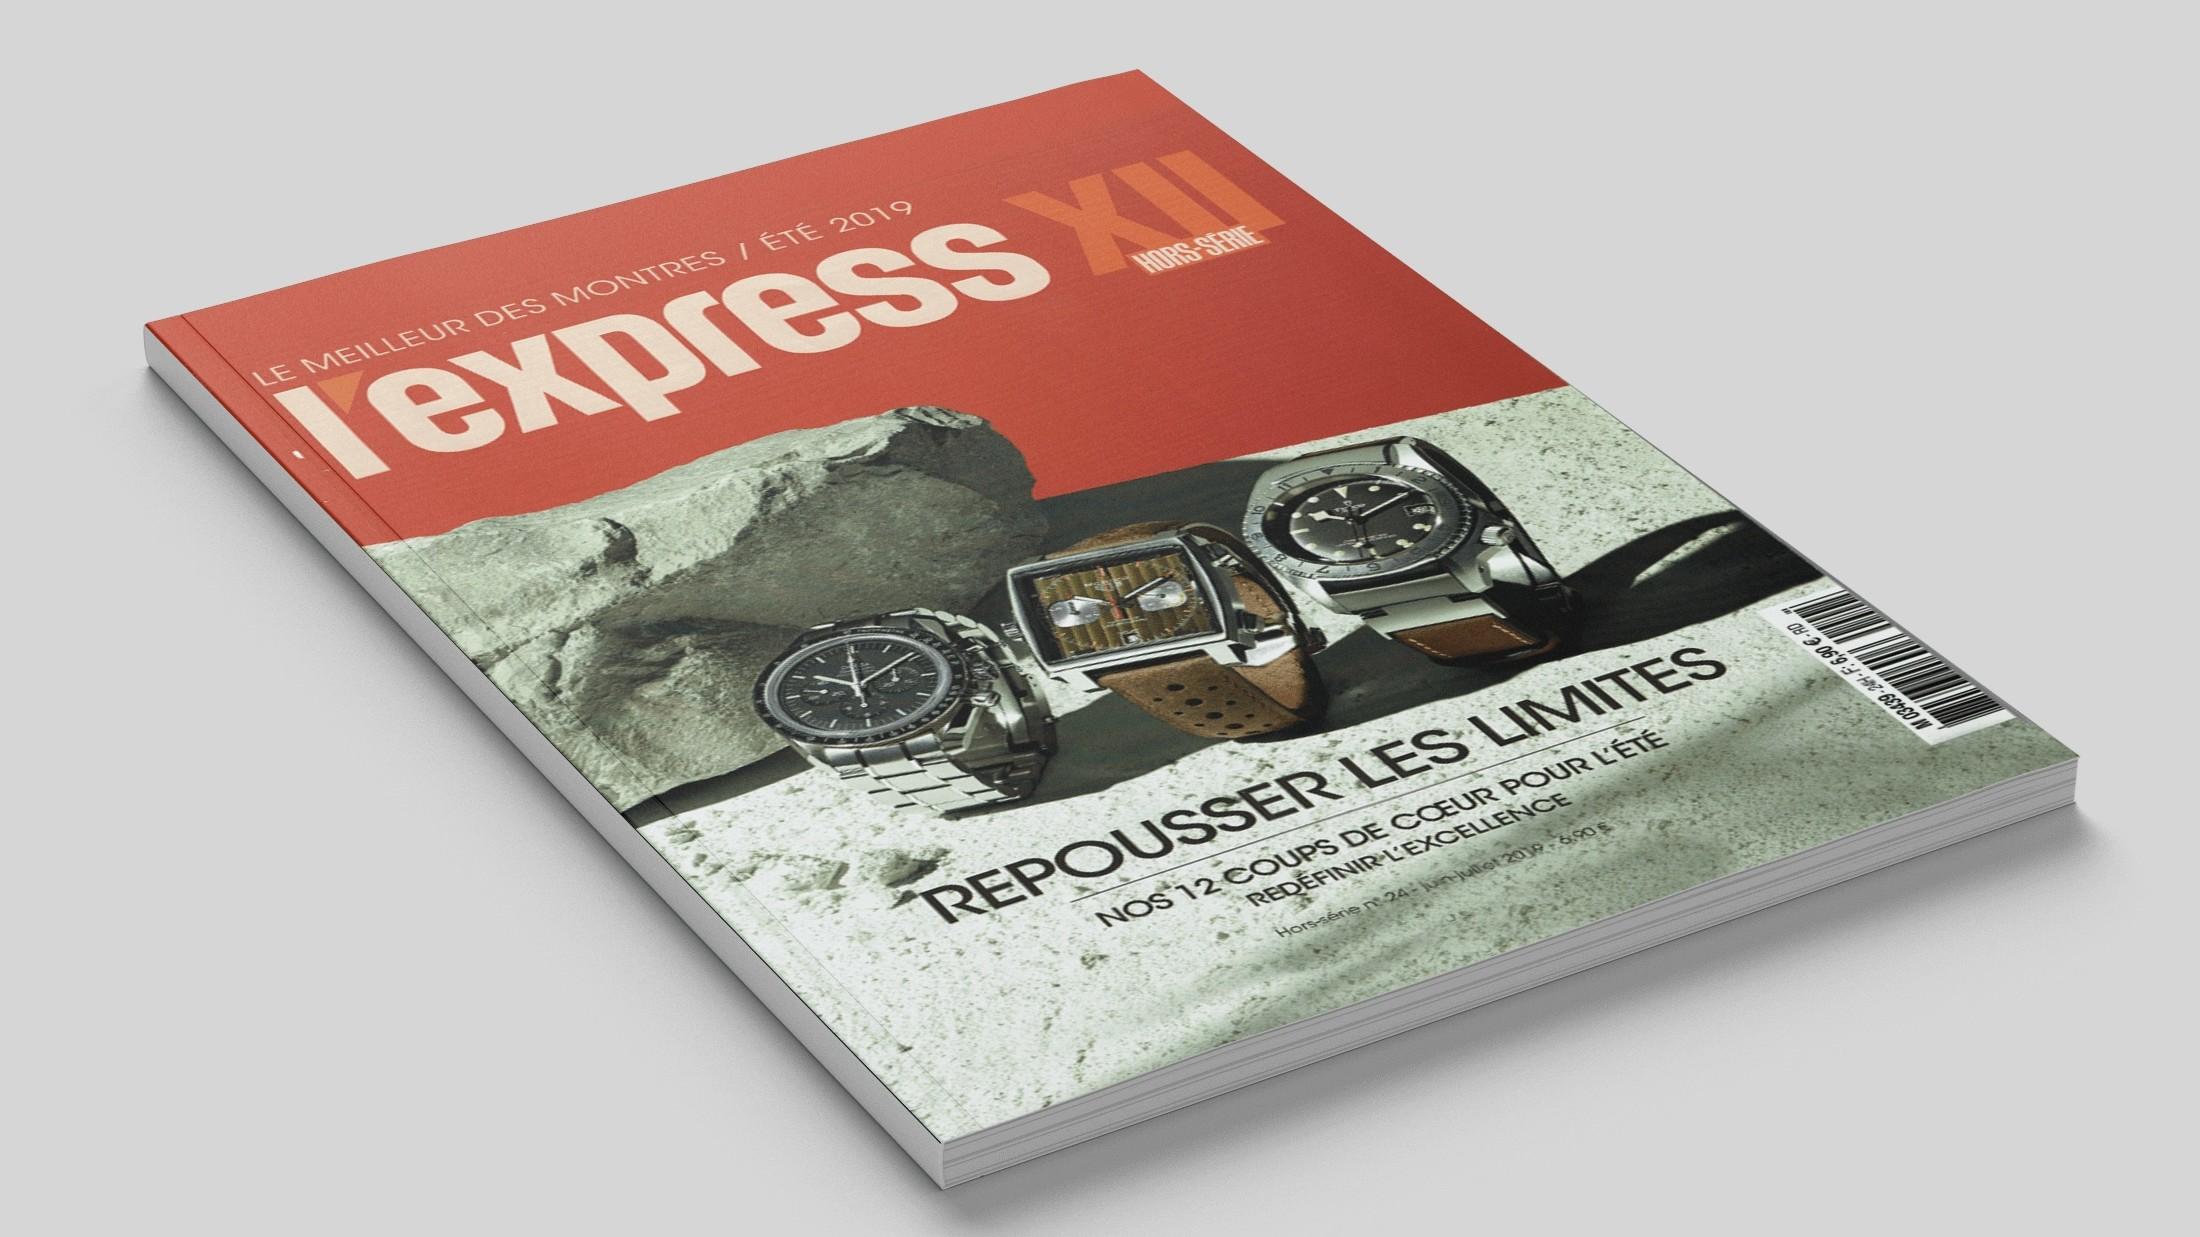 Article sur la marque de montres de luxe Trilobe dans le magazine L'Express